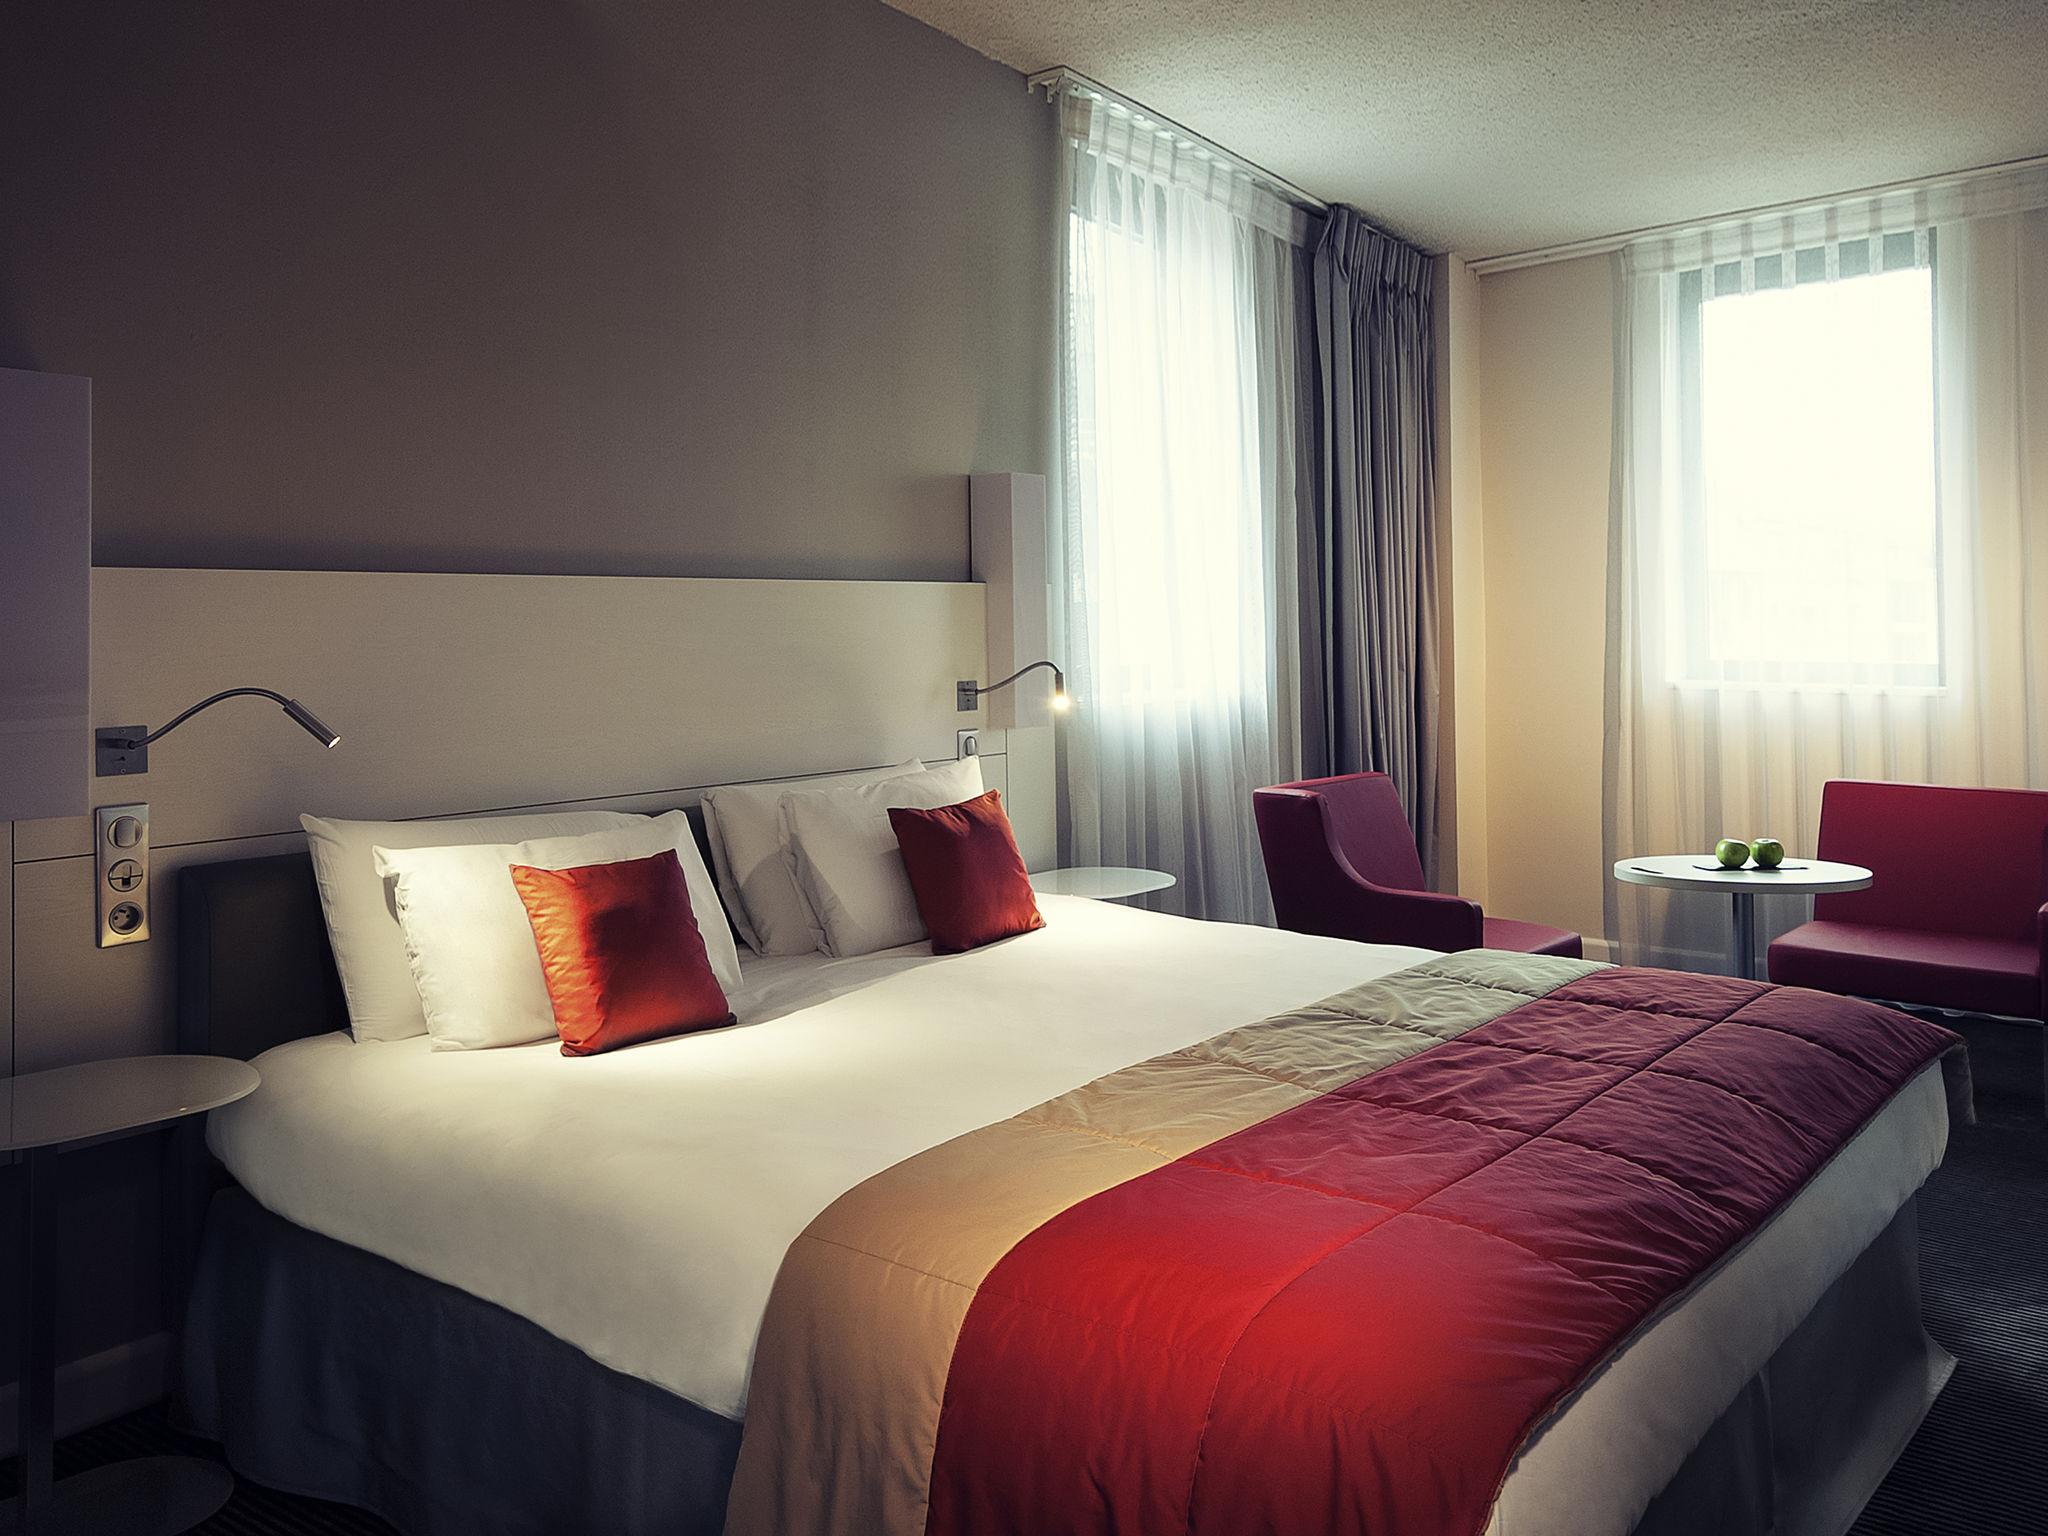 酒店 – 里昂中心萨克斯拉斐特美居酒店